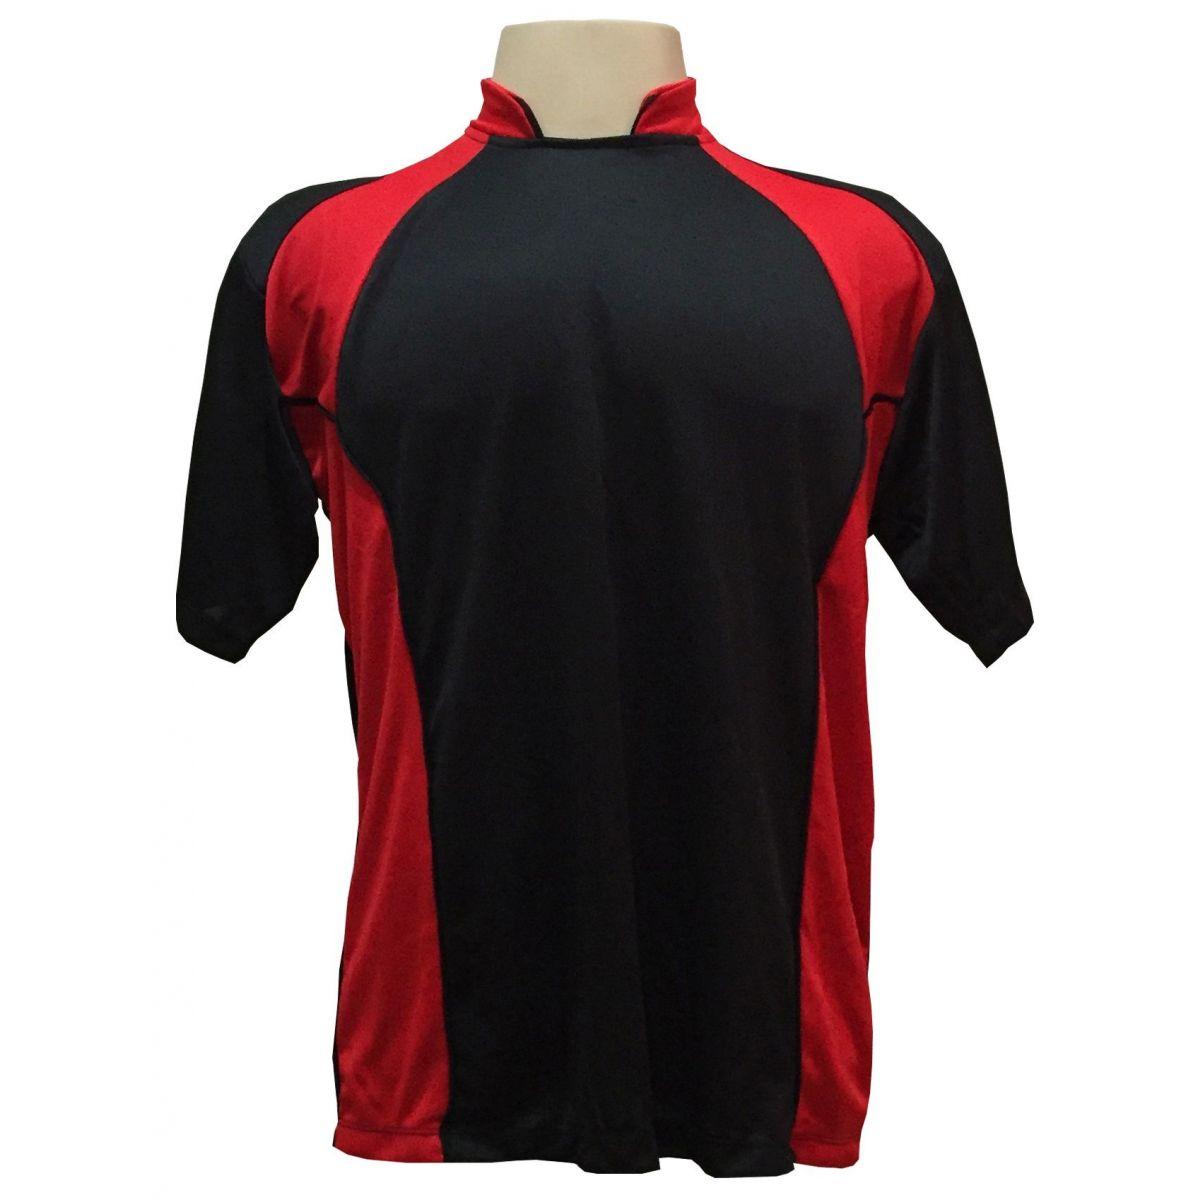 Uniforme Esportivo Completo modelo Suécia 14+1 (14 Camisas Preto/Vermelho + 14 Calções modelo Copa Preto/Vermelho + 14 Pares de Meiões Preto + 1 Conjunto de Goleiro) + Brindes